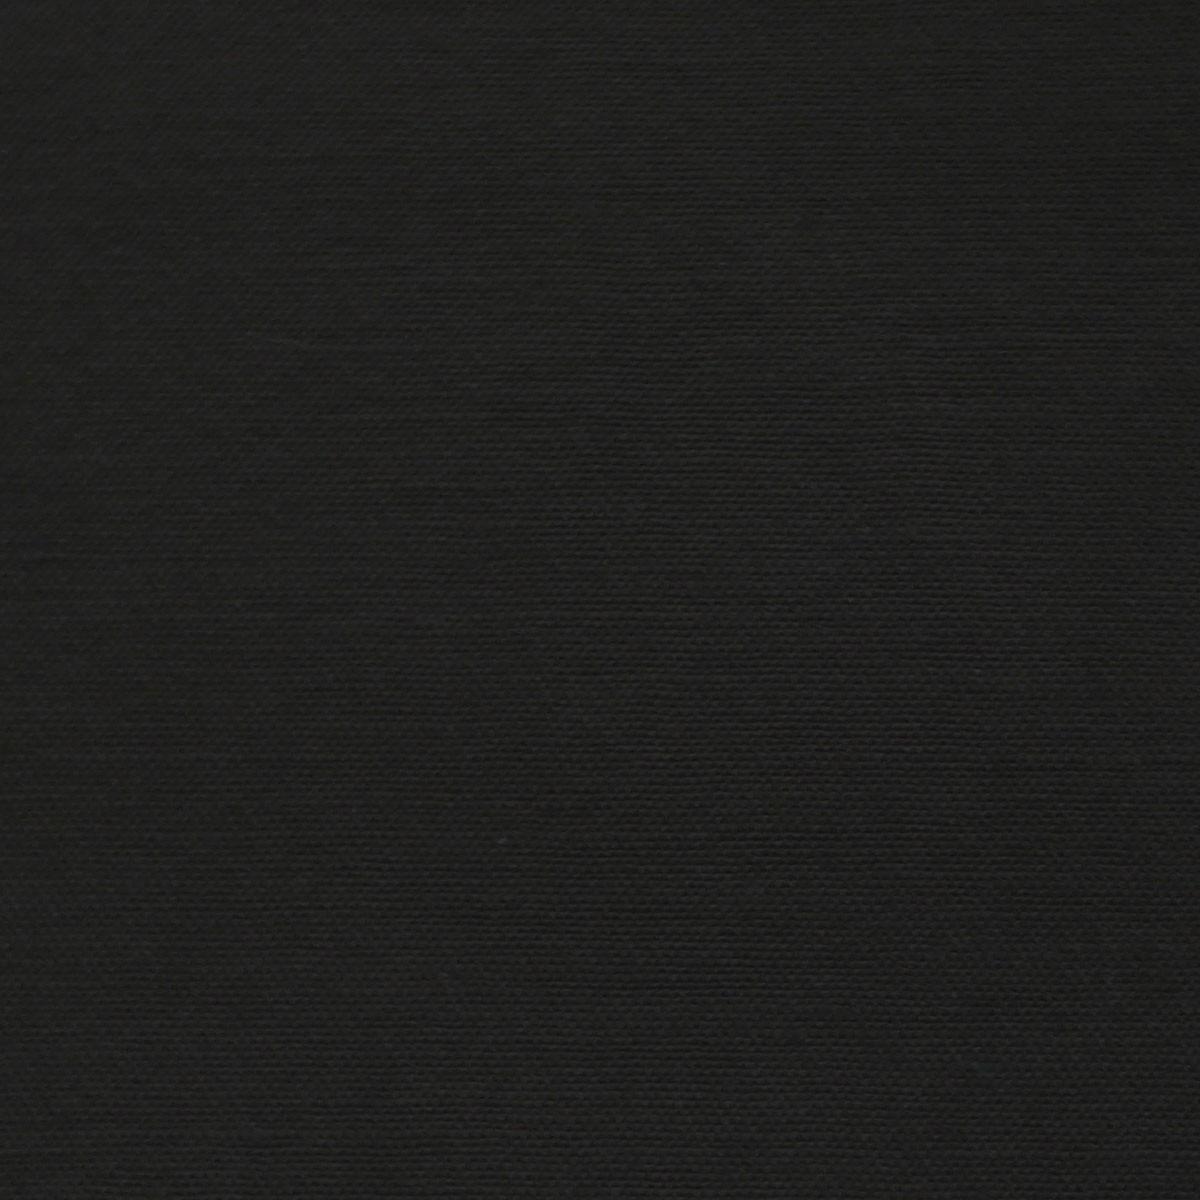 Baumwolle Stoff Satin Spandex schwarz